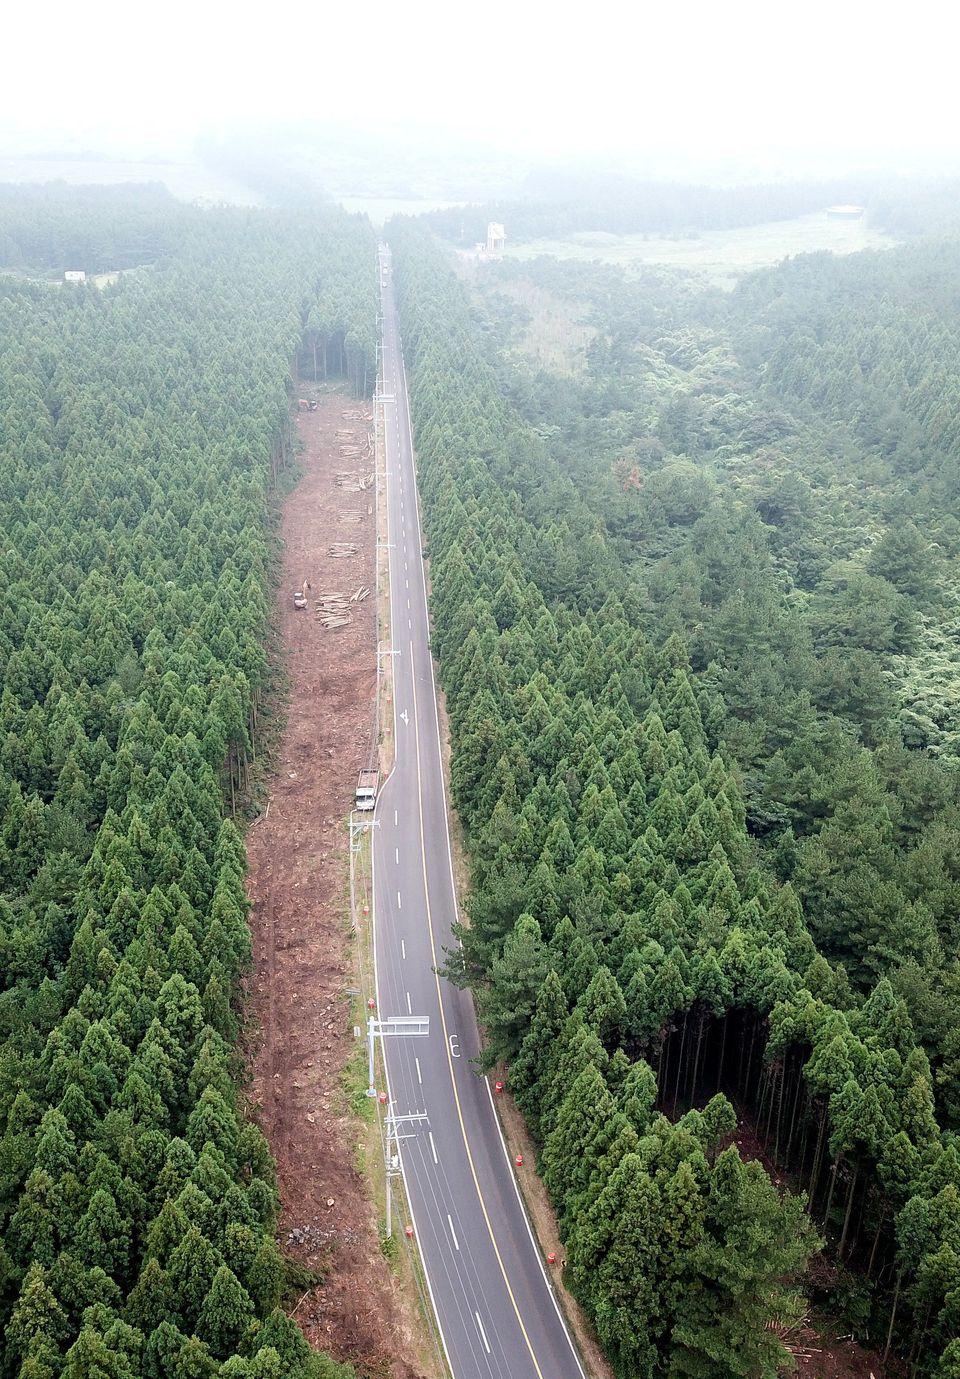 (화보)전국에서 가장 아름다운 '비자림로'의 삼나무들이 잘려나간